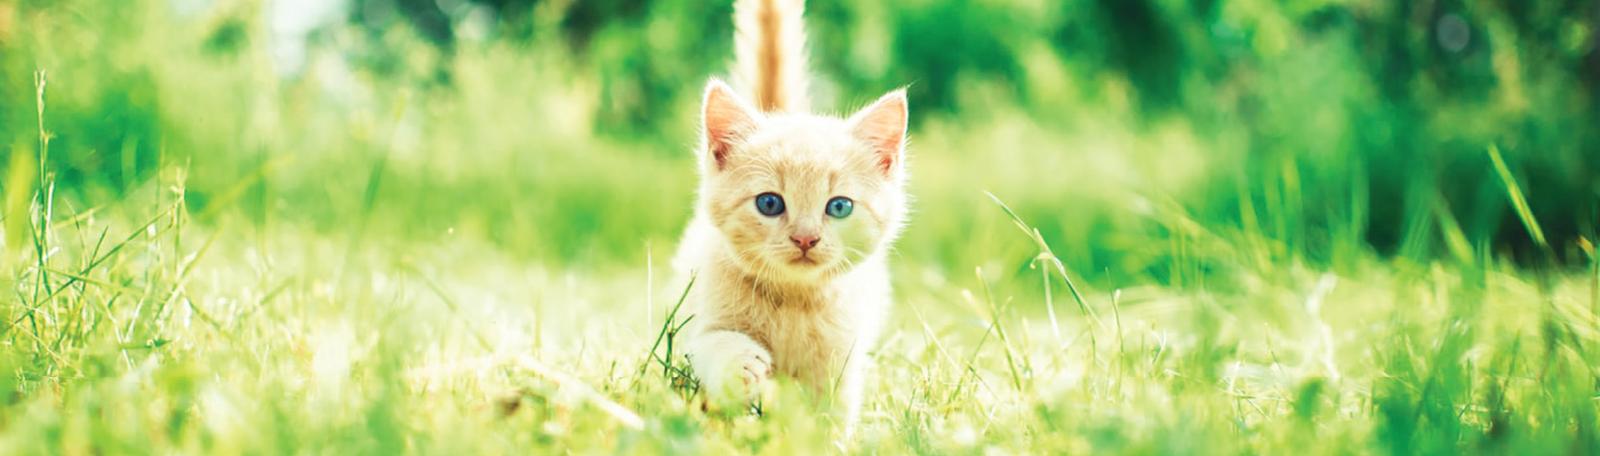 My Home Vet kitten slider